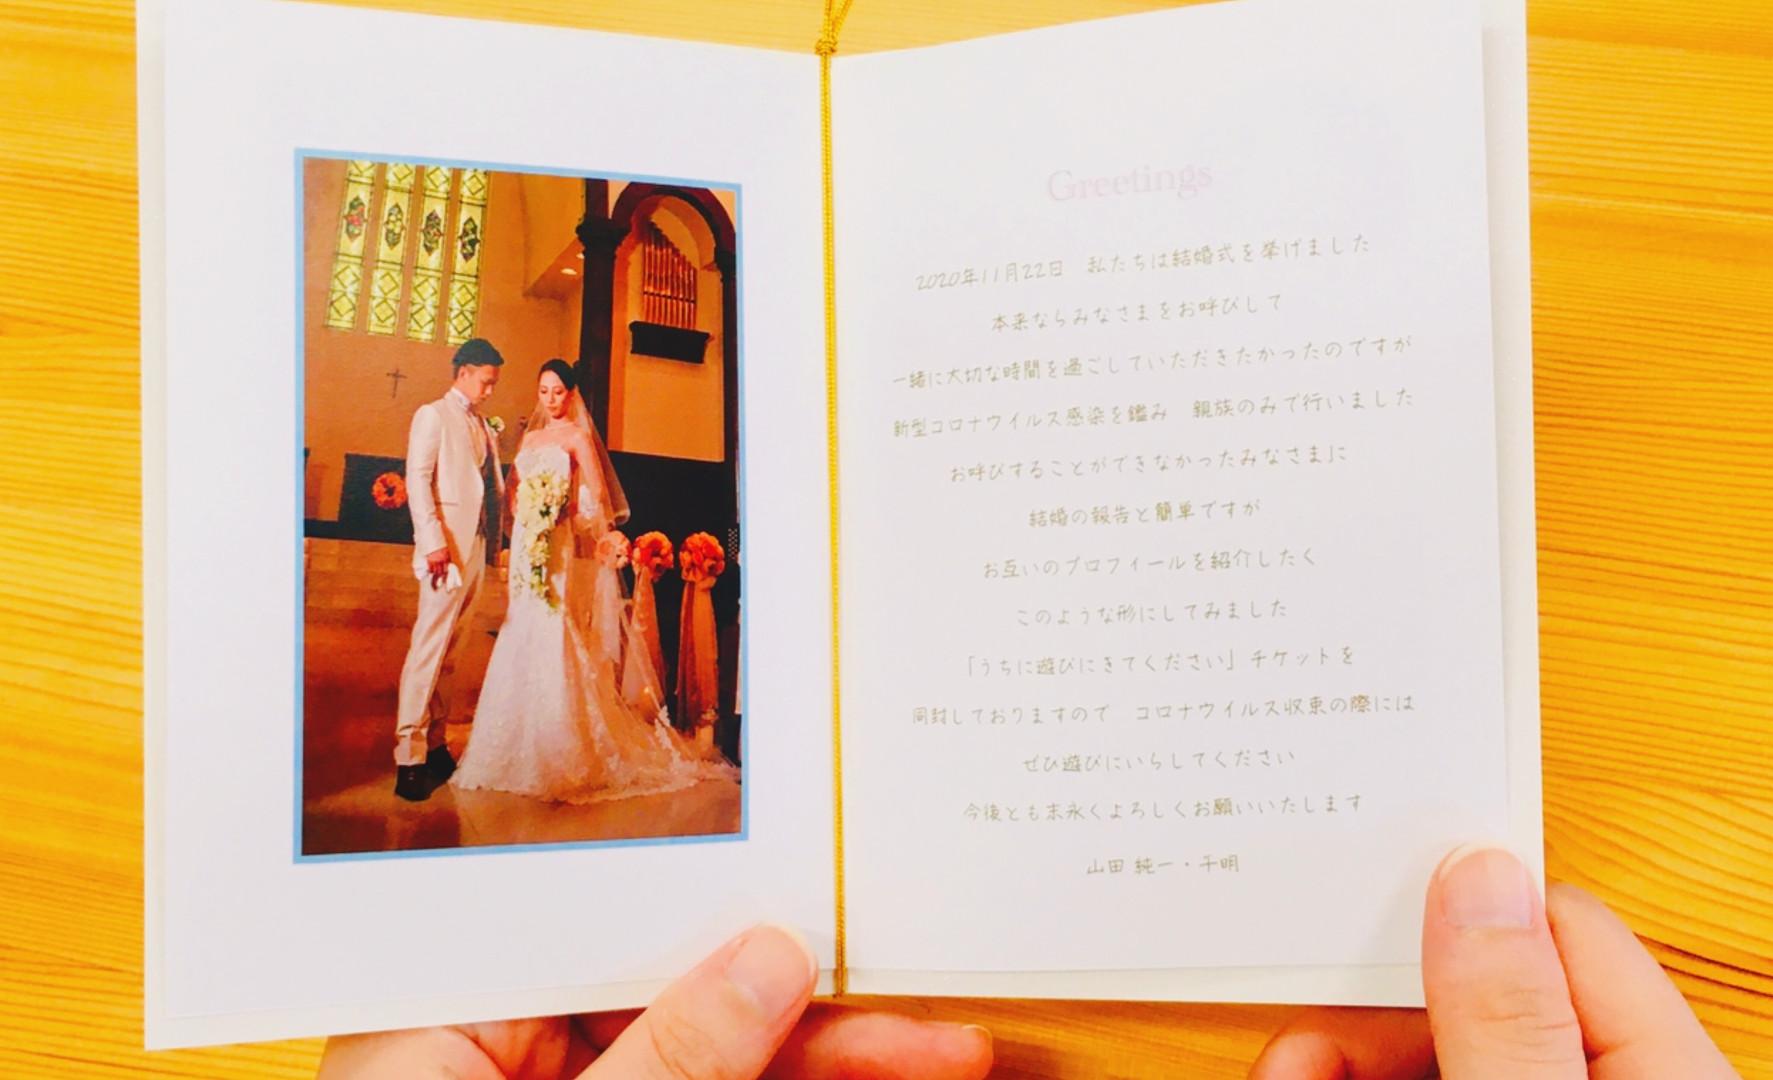 手持ち Just married デザイン3-B-3.jpg